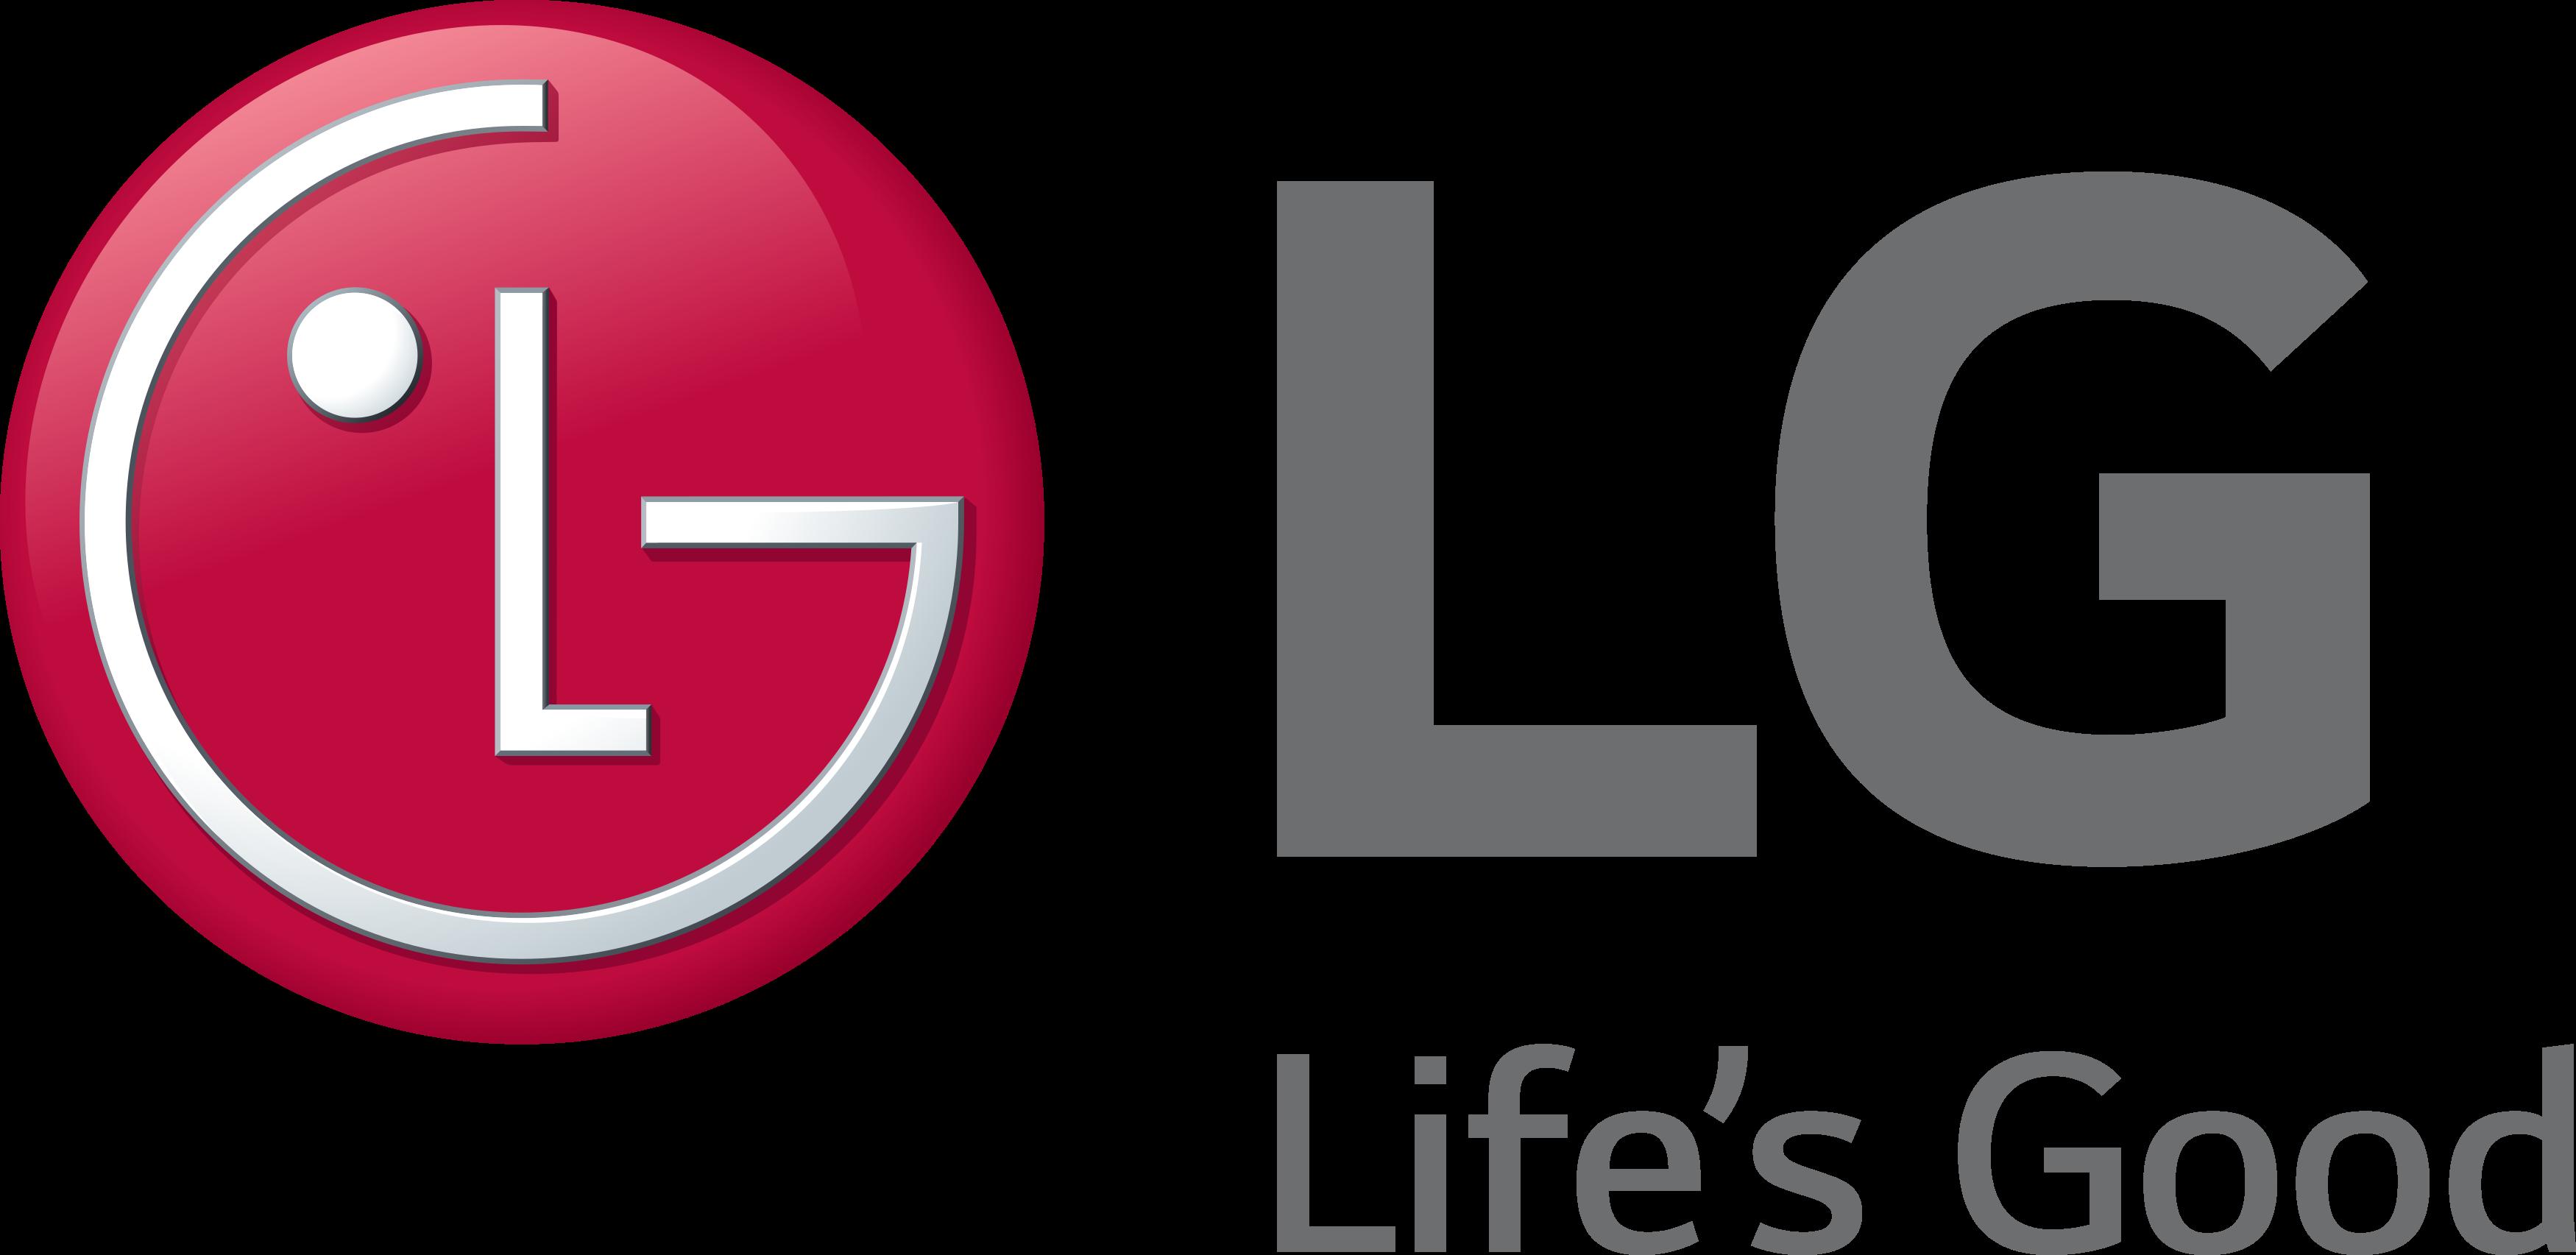 lg logo 1 1 - LG Logo